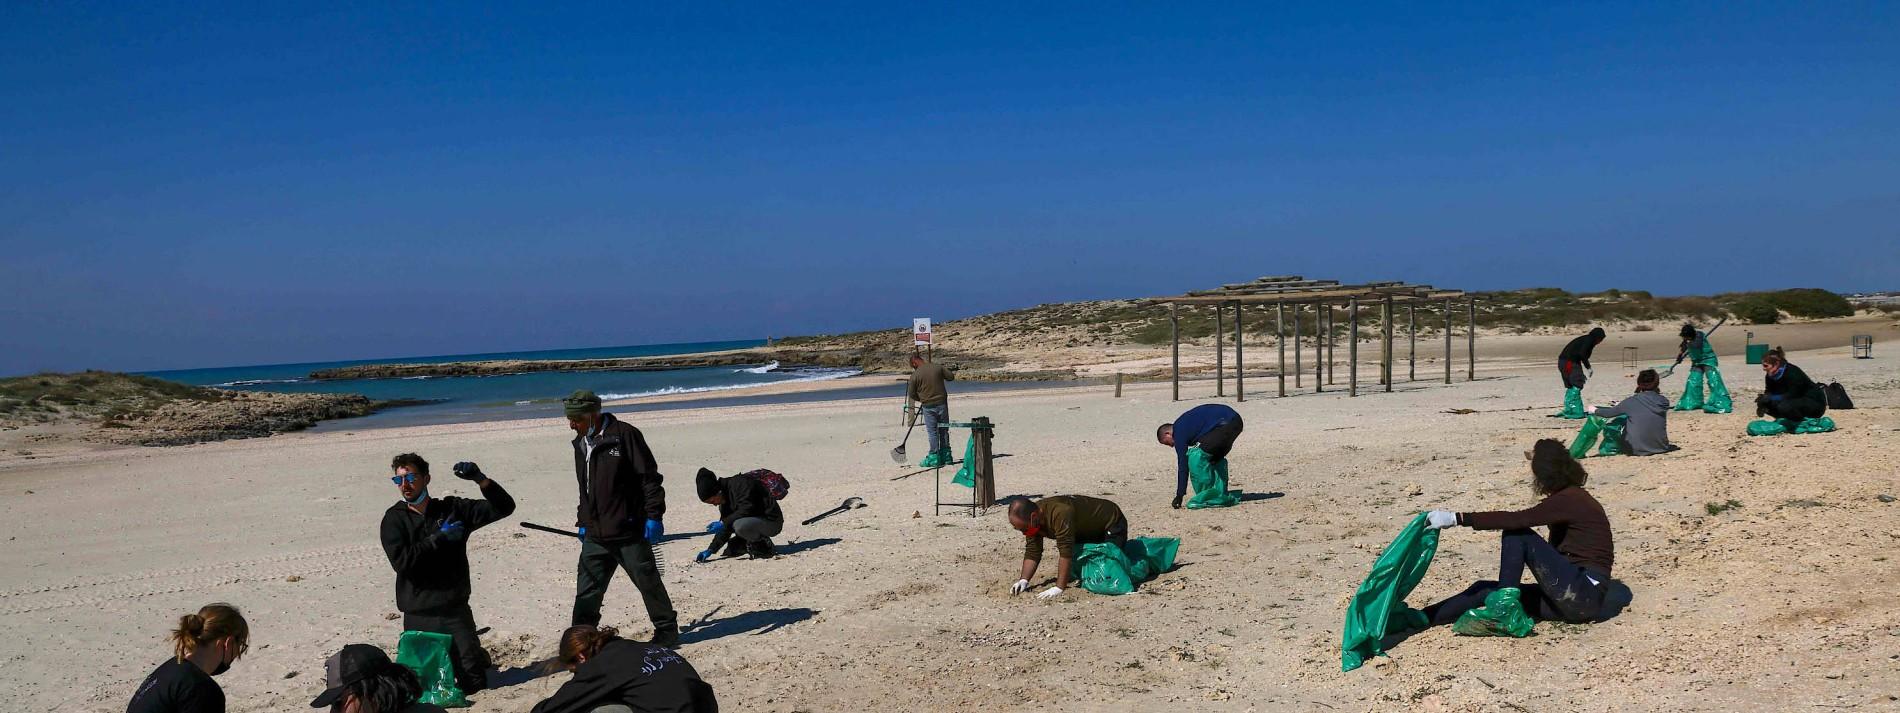 Ölpest vor der Küste Israels